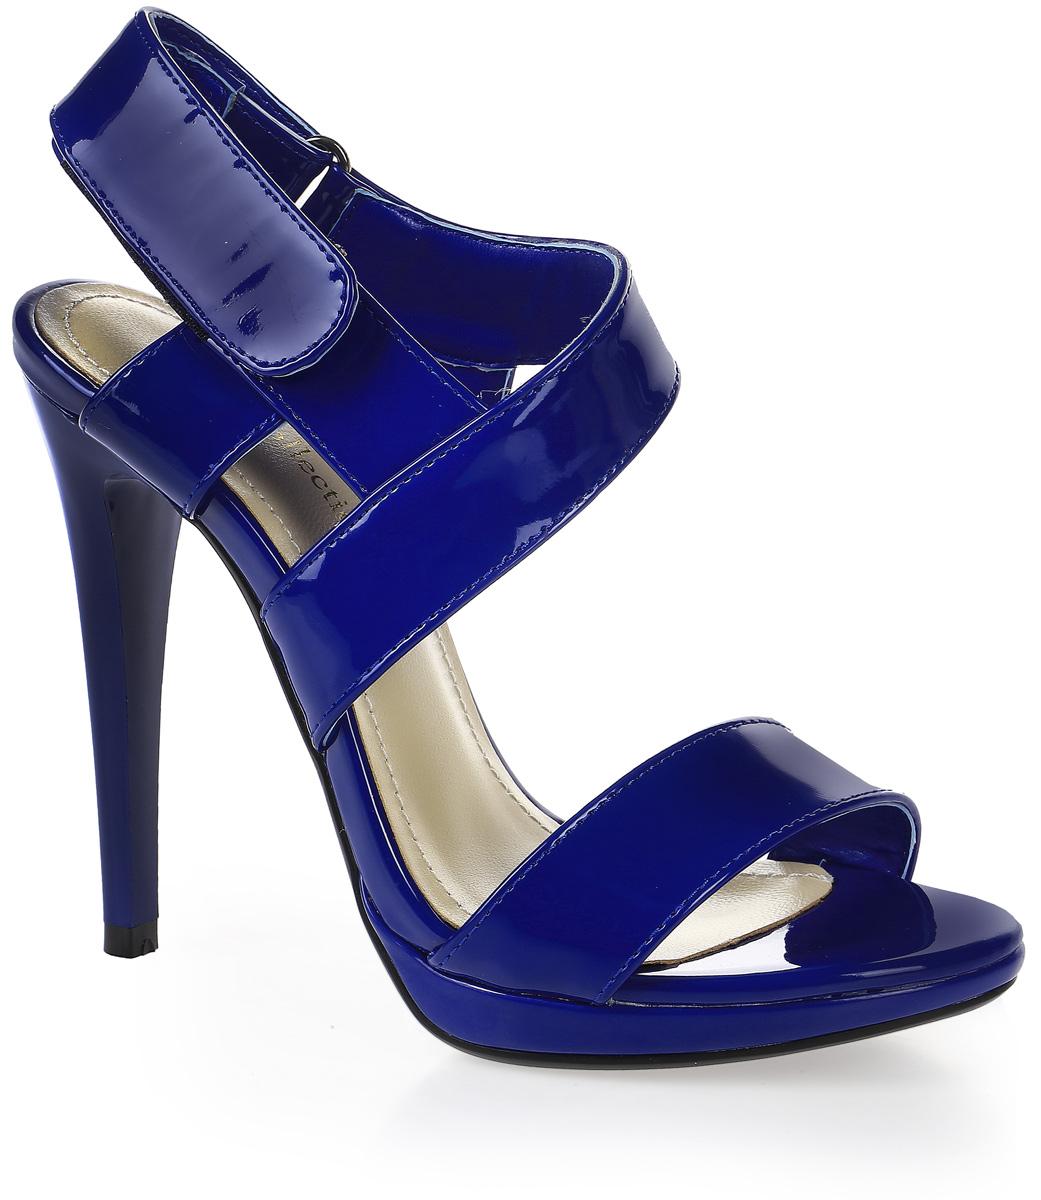 Босоножки женские LK Collection, цвет: синий. W315-W611-2 PU. Размер 40W315-W611-2 PUСтильные босоножки на высокой шпильке выполнены из искусственной кожи. Стелька выполнена из натуральной кожи. Босоножки фиксируются на ноге при помощи застежки-липучки.